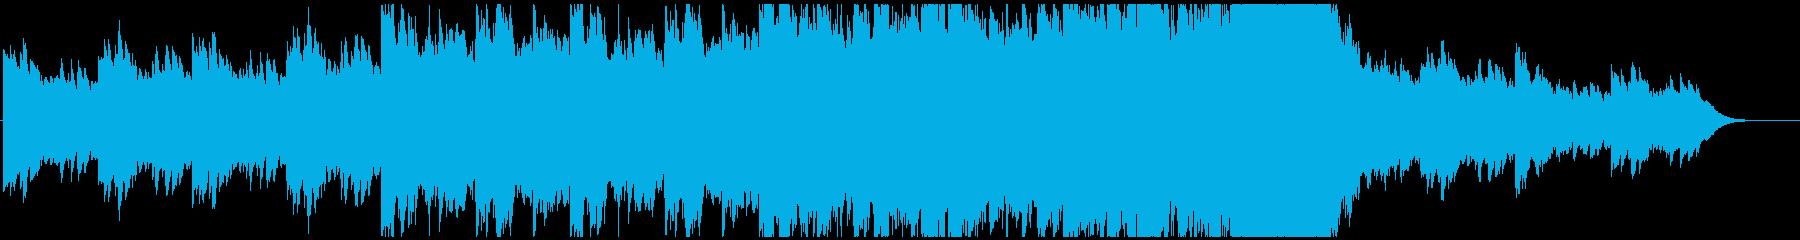 サスペンス緊迫した雰囲気・オーケストラの再生済みの波形